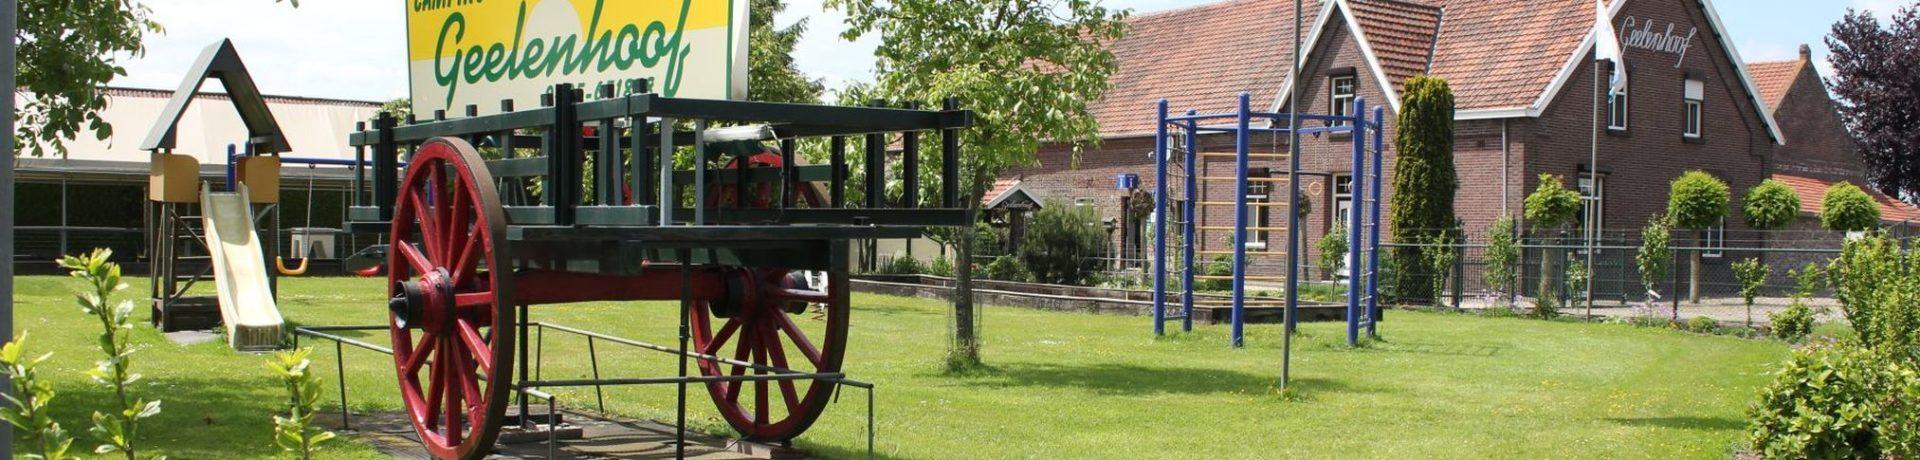 Camping Geelenhoof in Kelpen-Oler ist ein Charme Camping in Limburg. Entdecken Sie die Gastfreundschaft, Gemütlichkeit und den Service.